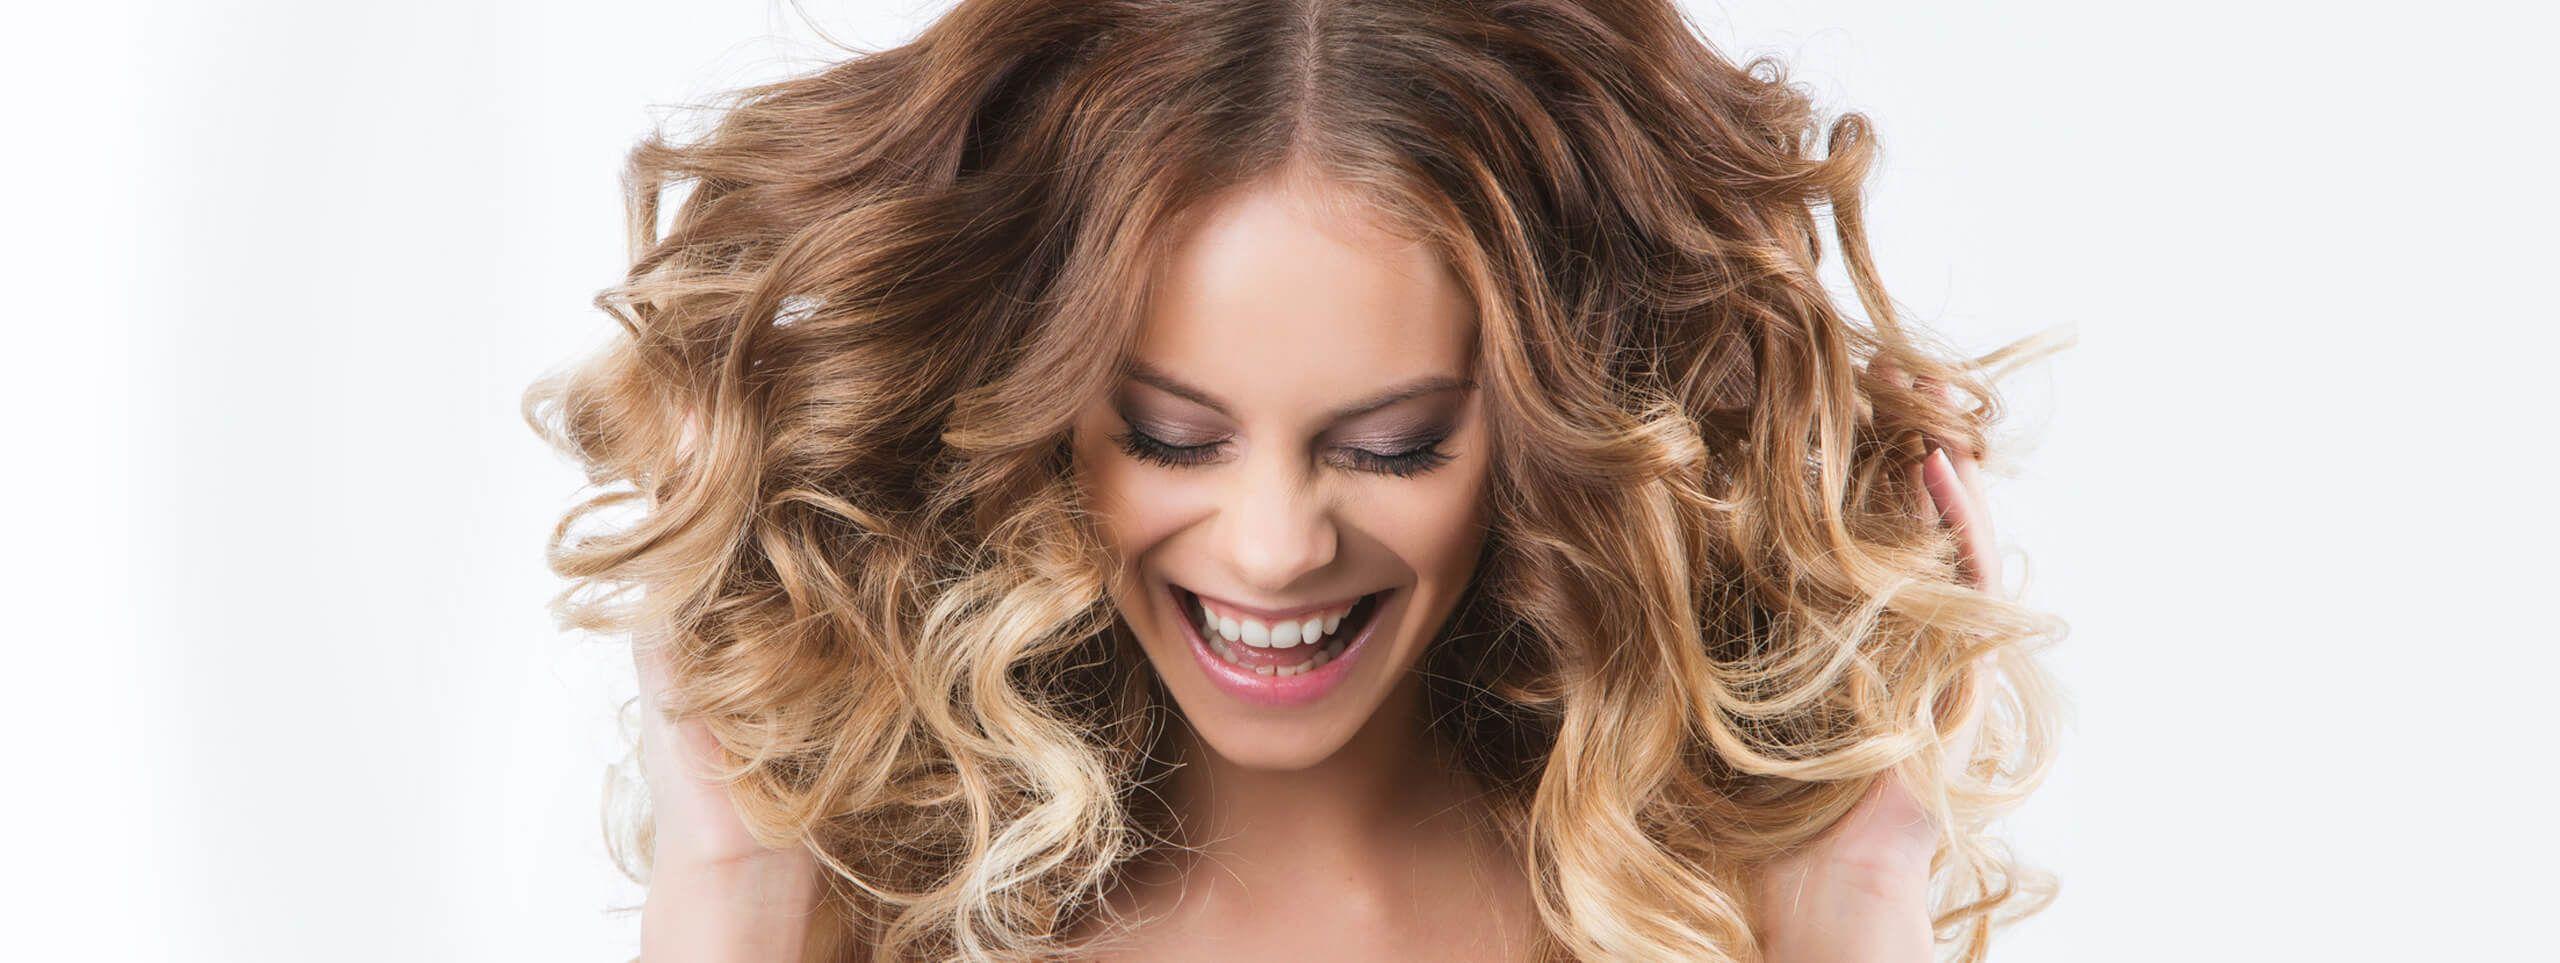 Chica con mechas rubias y pelo ondulado